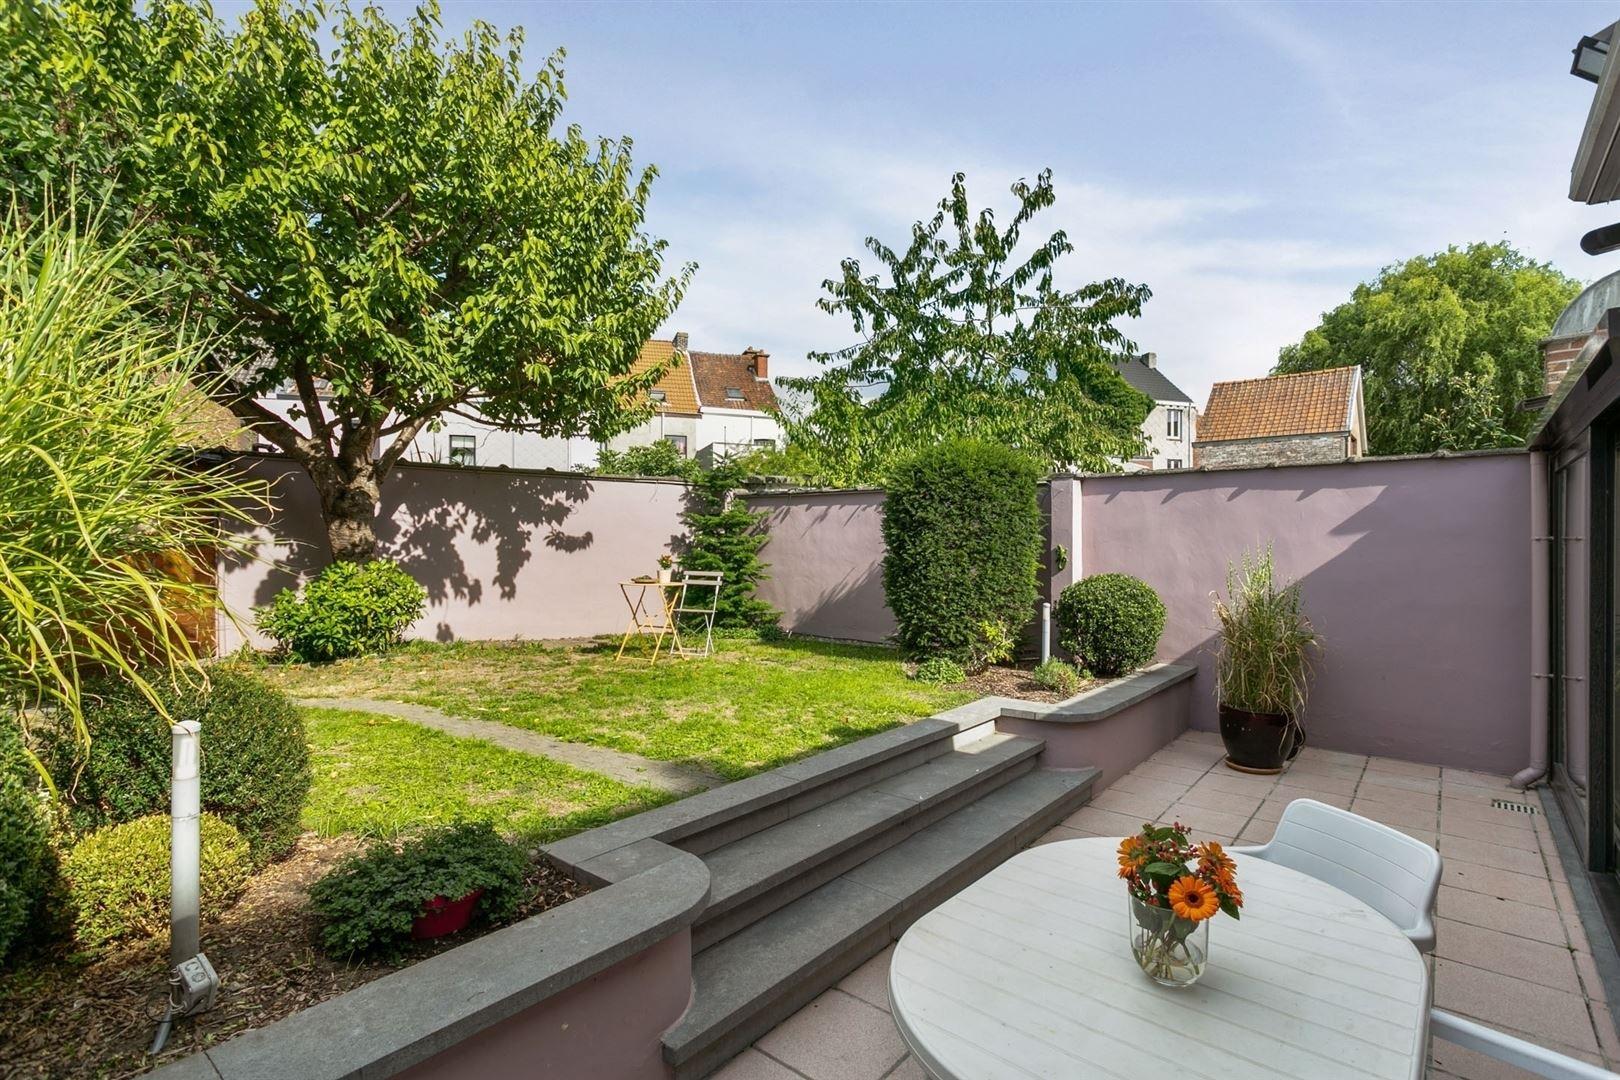 Ruime woning met aangename tuin en afzonderlijke handelsruimte